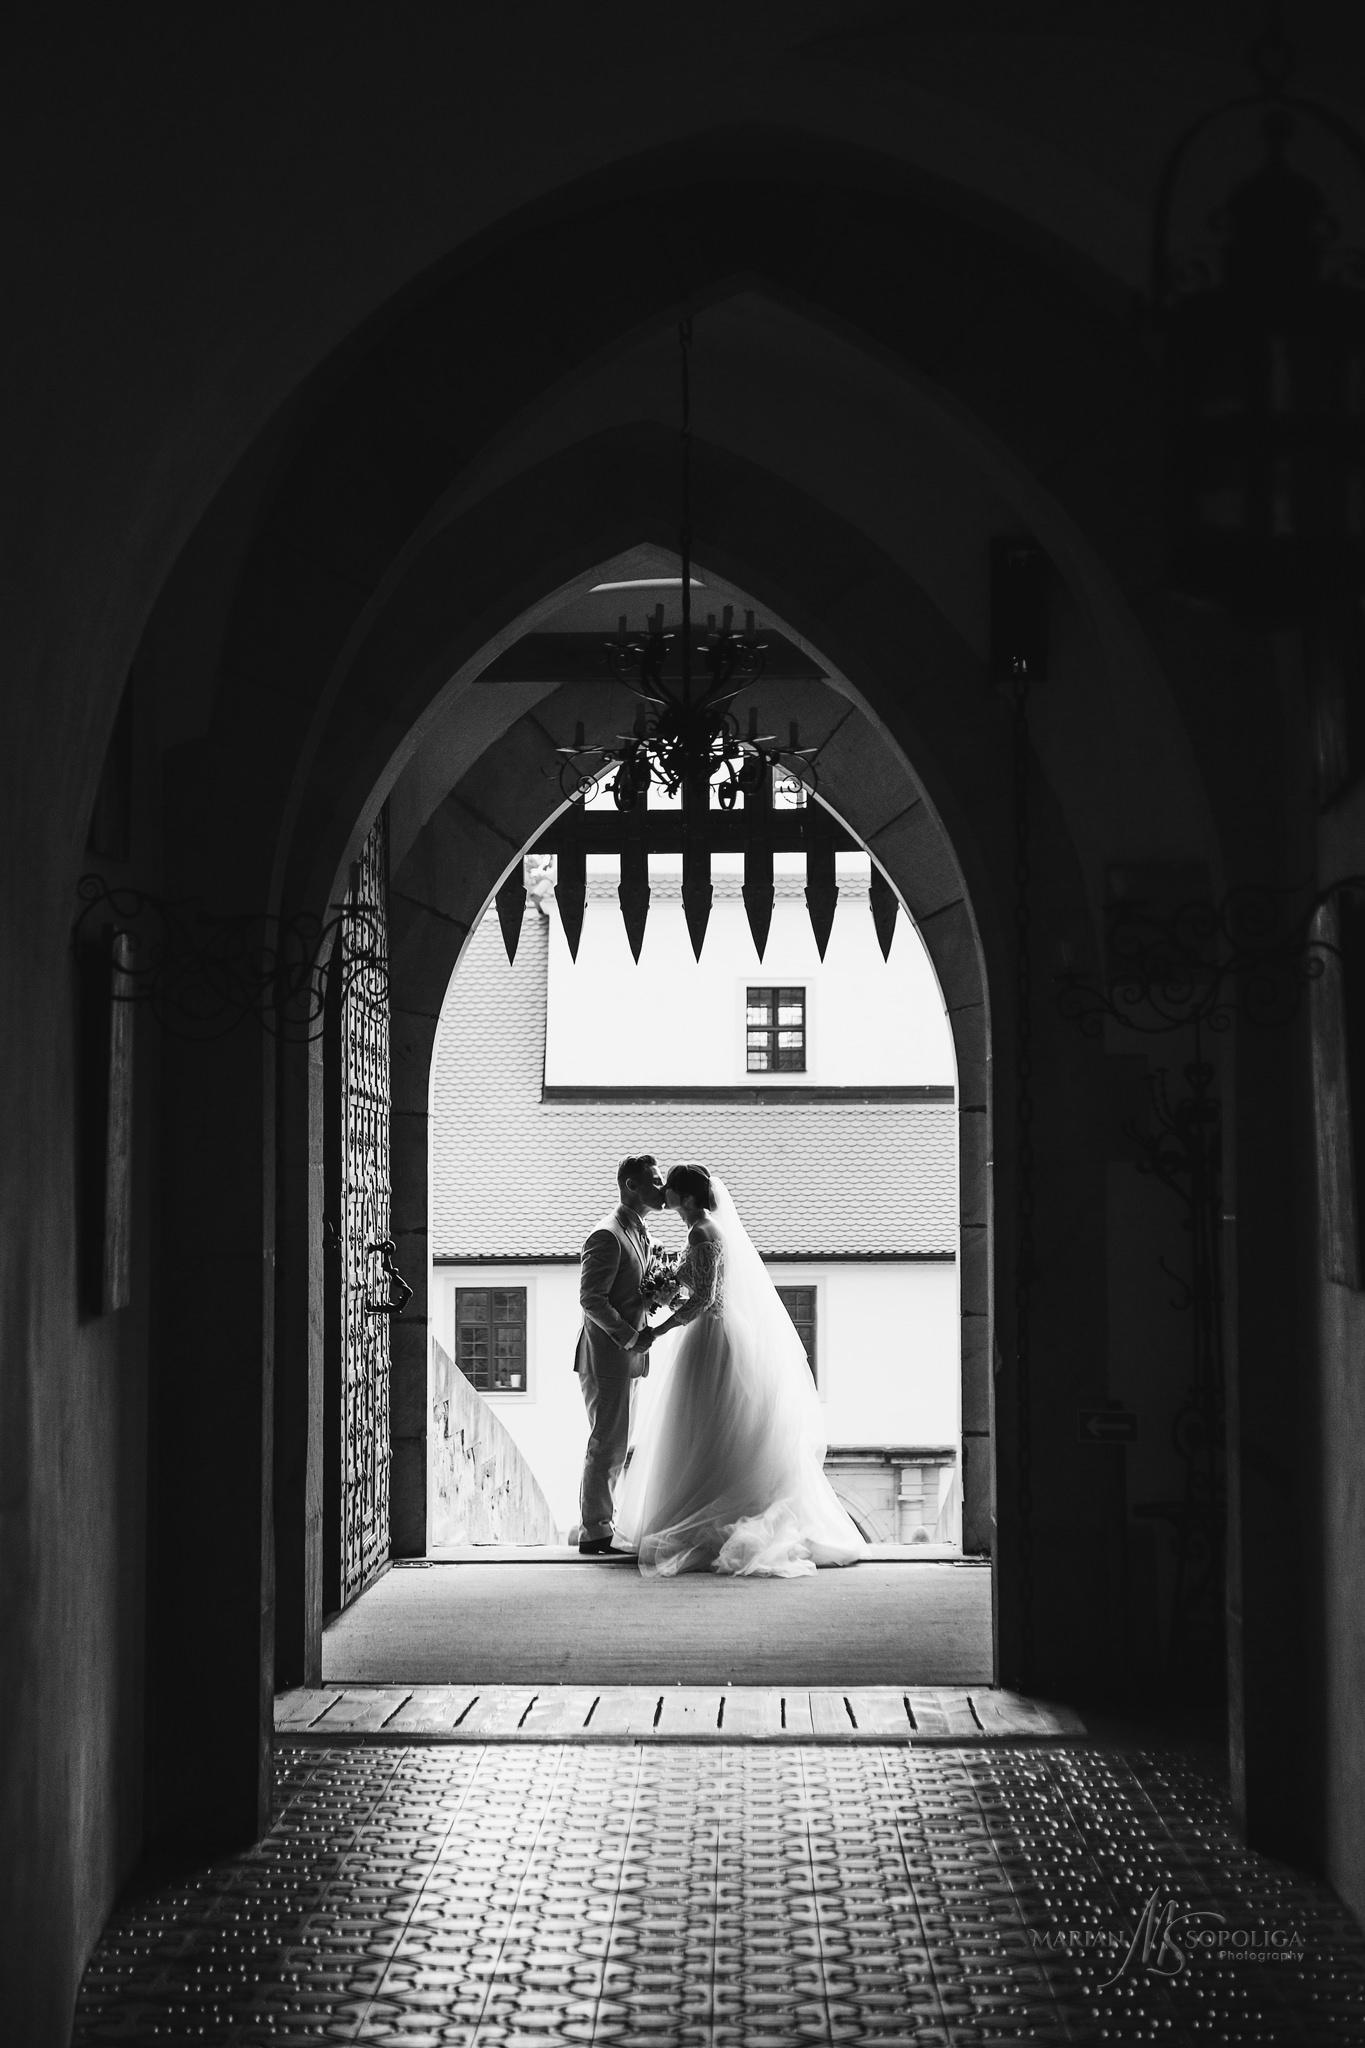 svatebni-foto-zenicha-a-nevesty-hrad-bouzov-silueta-manzeleskeho